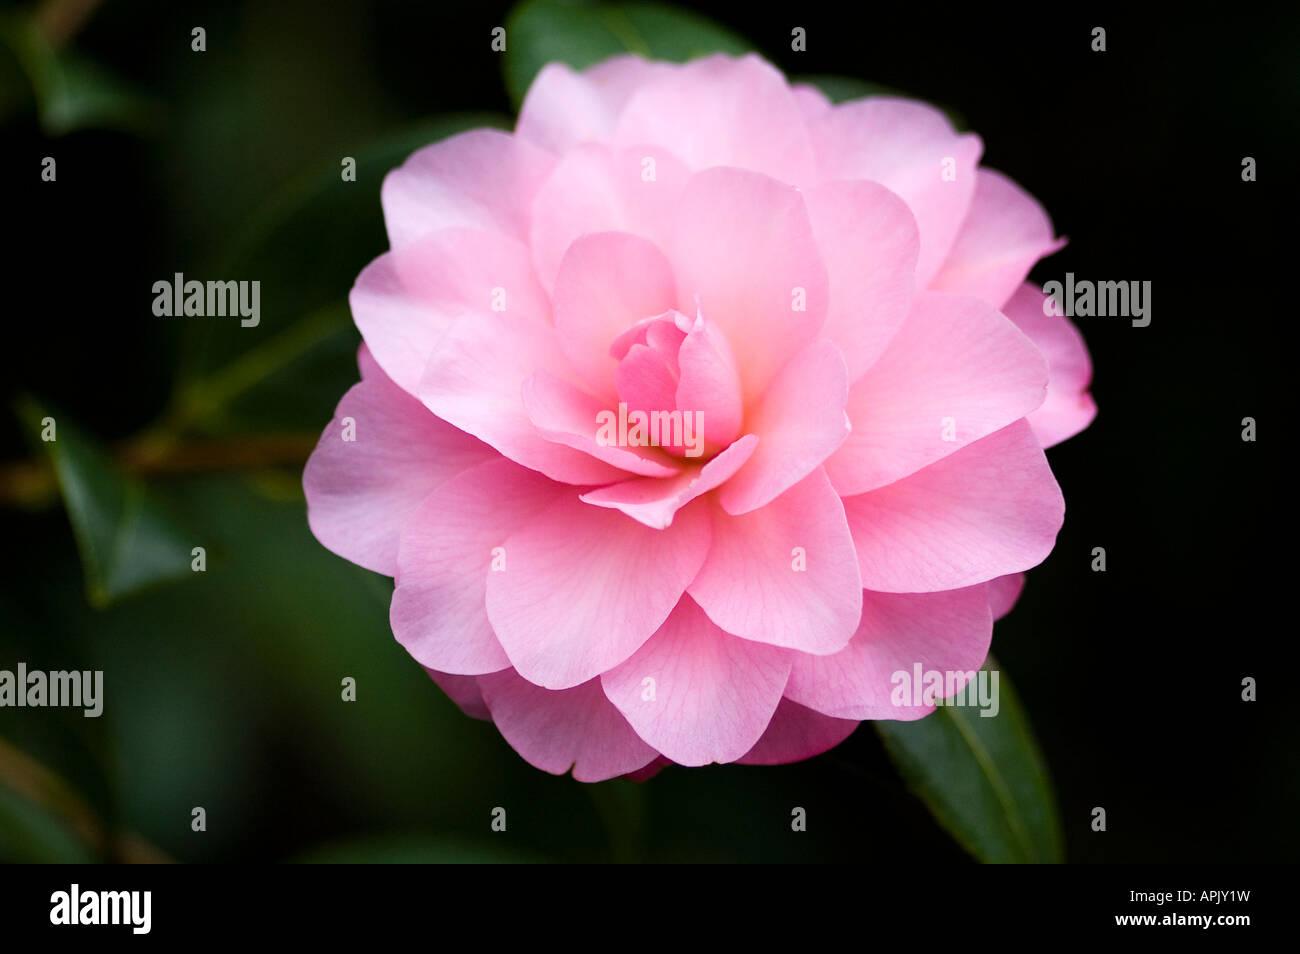 Winter Garten immergrüner Blütenstrauch mit zarten rosa Blüten Stockbild